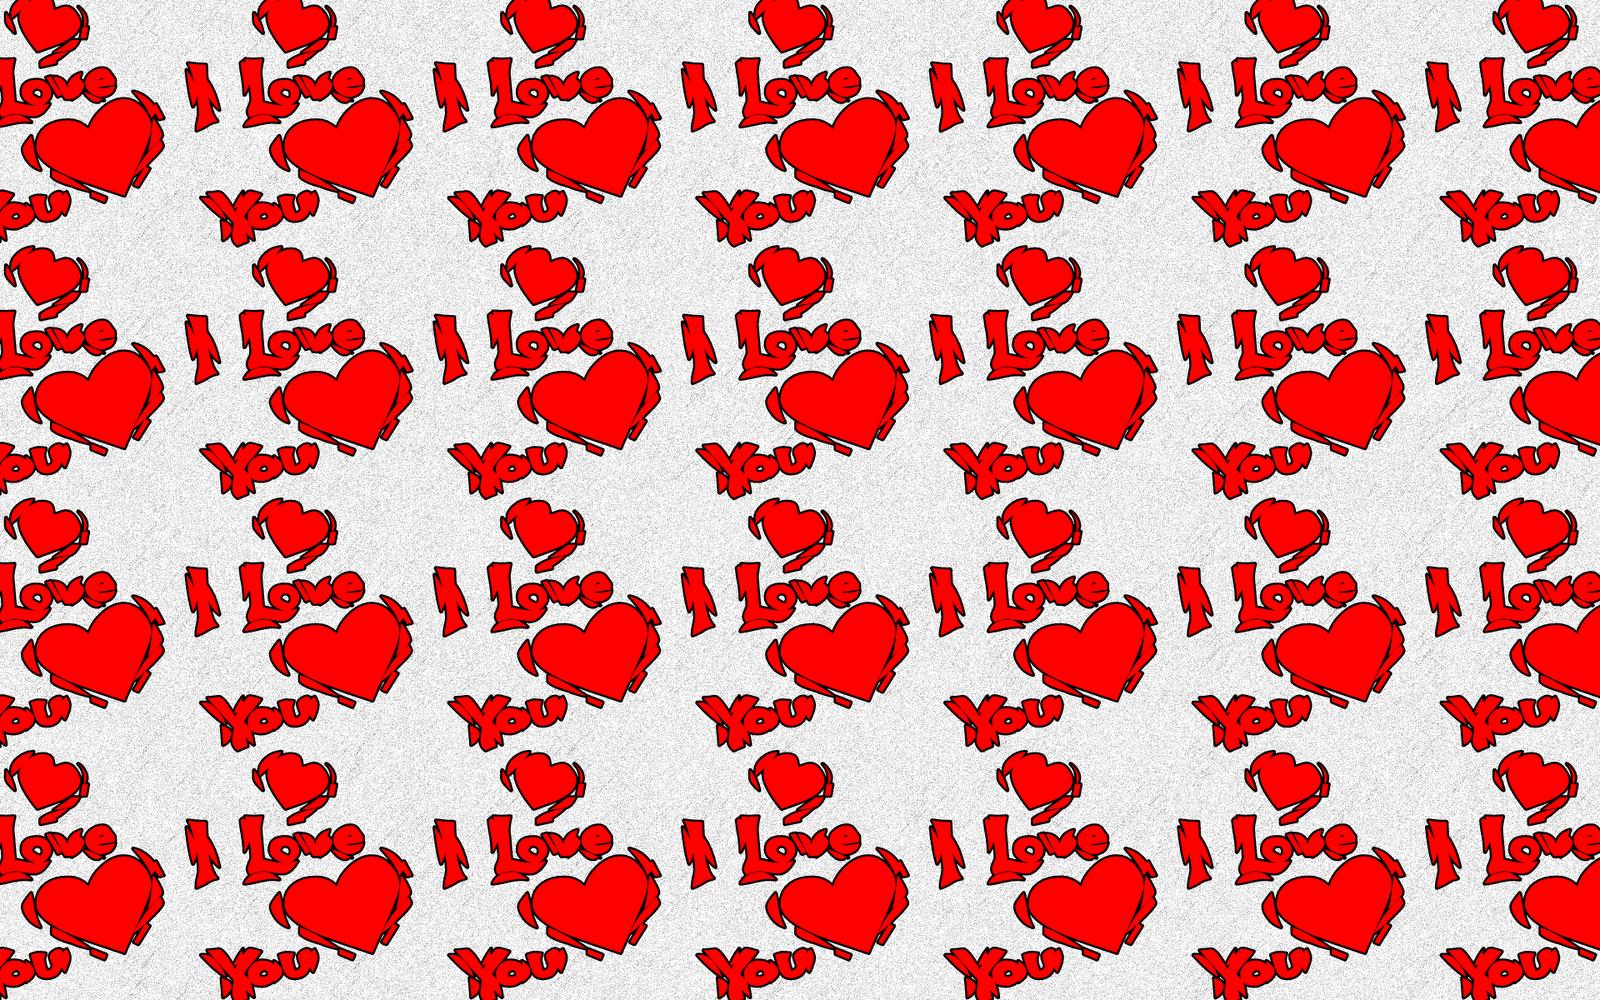 Rylikru  сайт графики и дизайна Скачать клипарт футажи